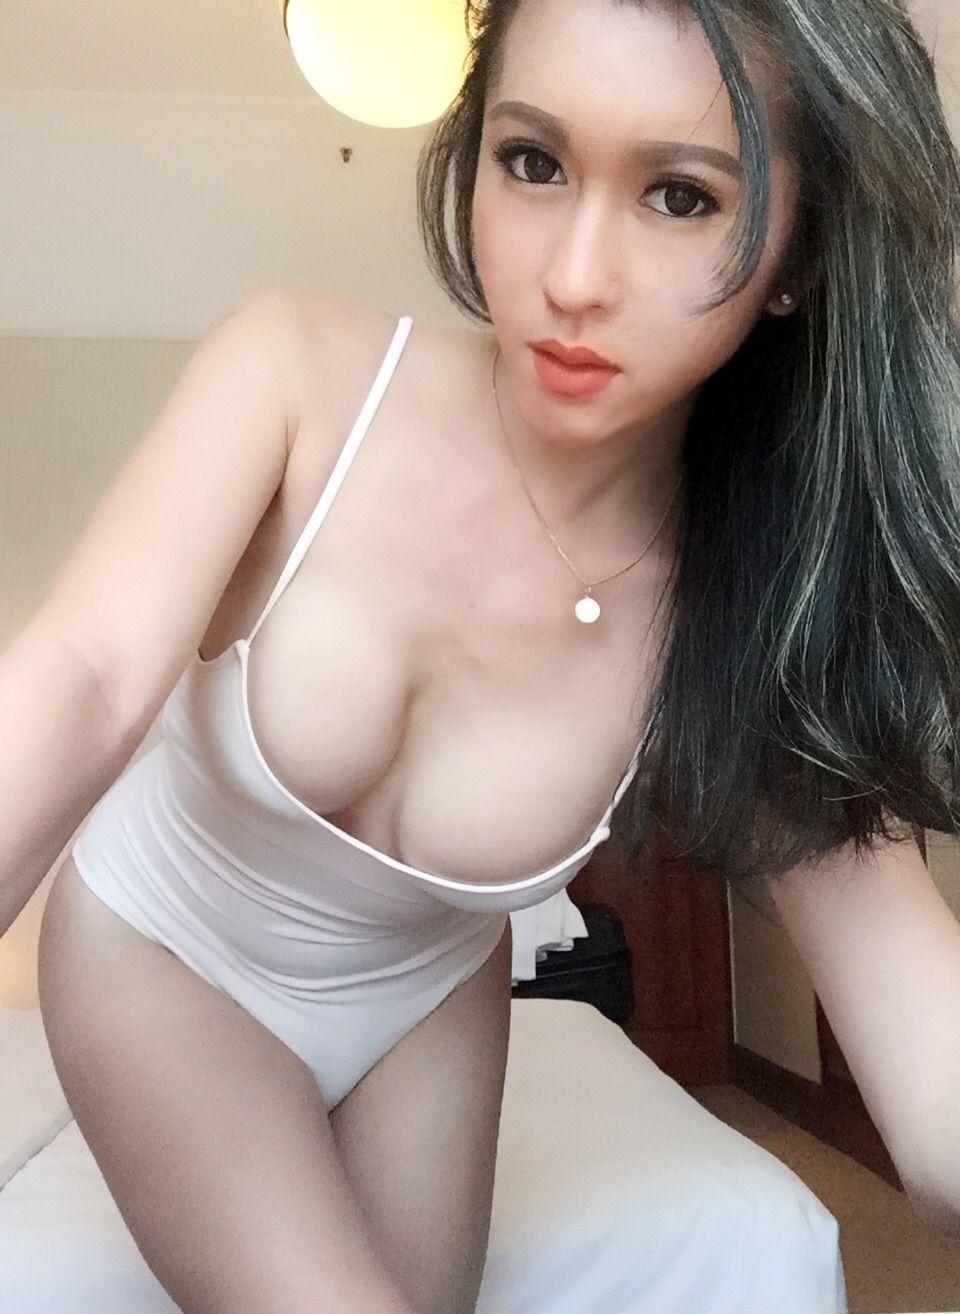 massage video Korean porn